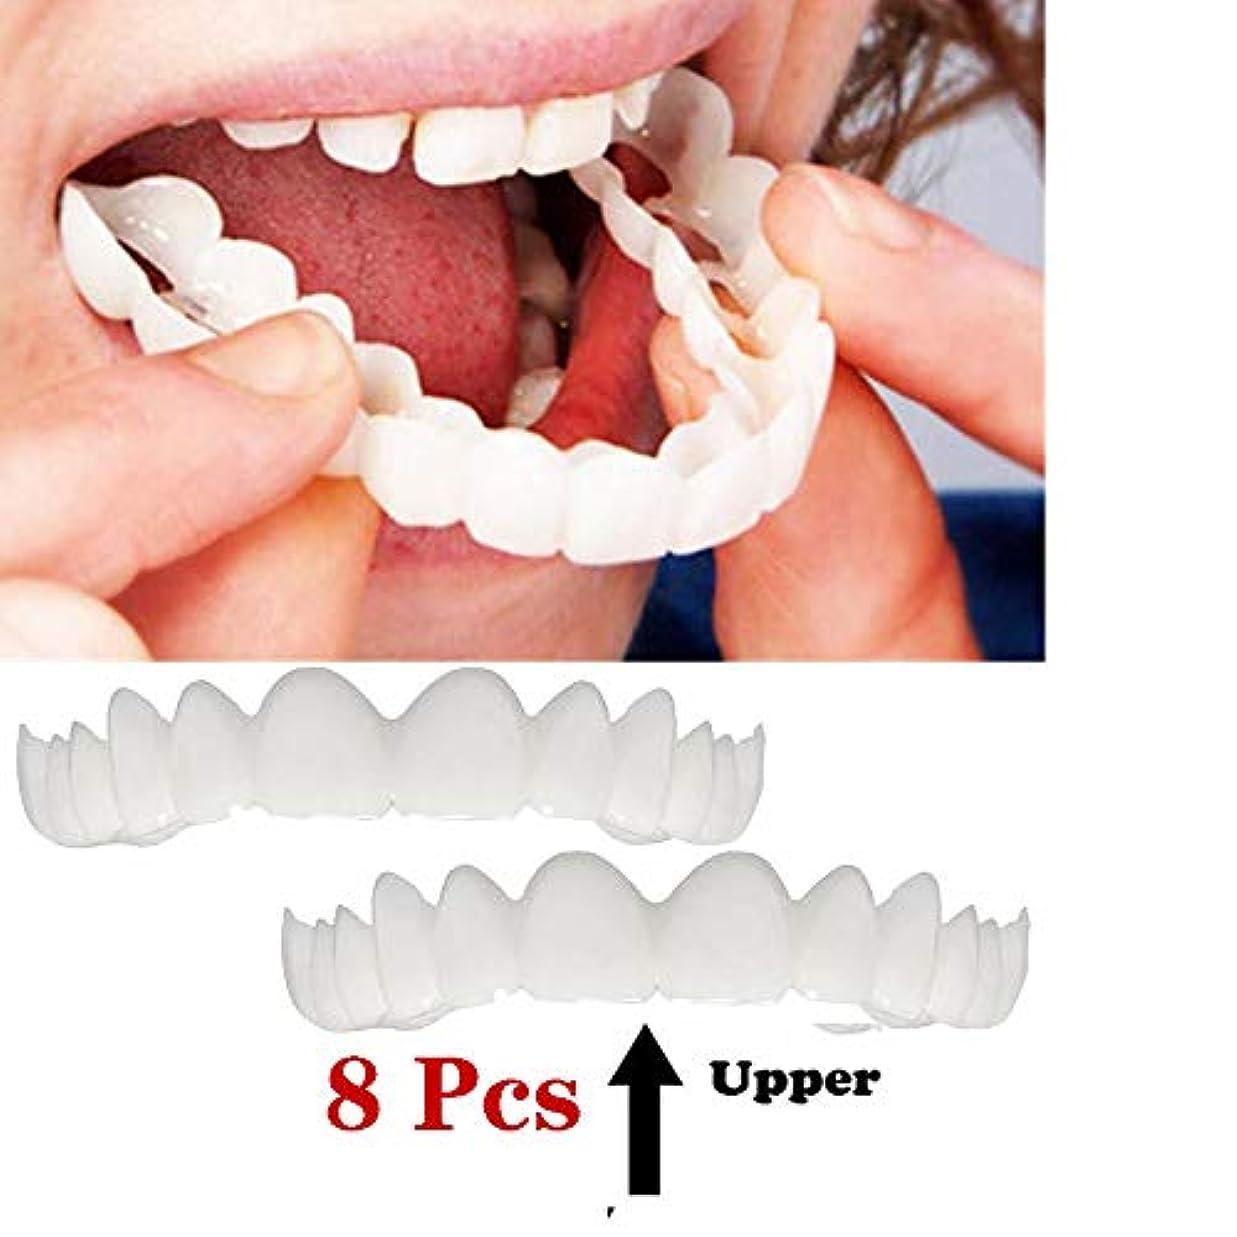 コミュニケーション穏やかなクライストチャーチ8ピース突き板歯仮化粧品歯義歯歯模擬ブレースアッパーブレースホワイトニング歯スナップキャップインスタント快適なフレックスパーフェクトベニア